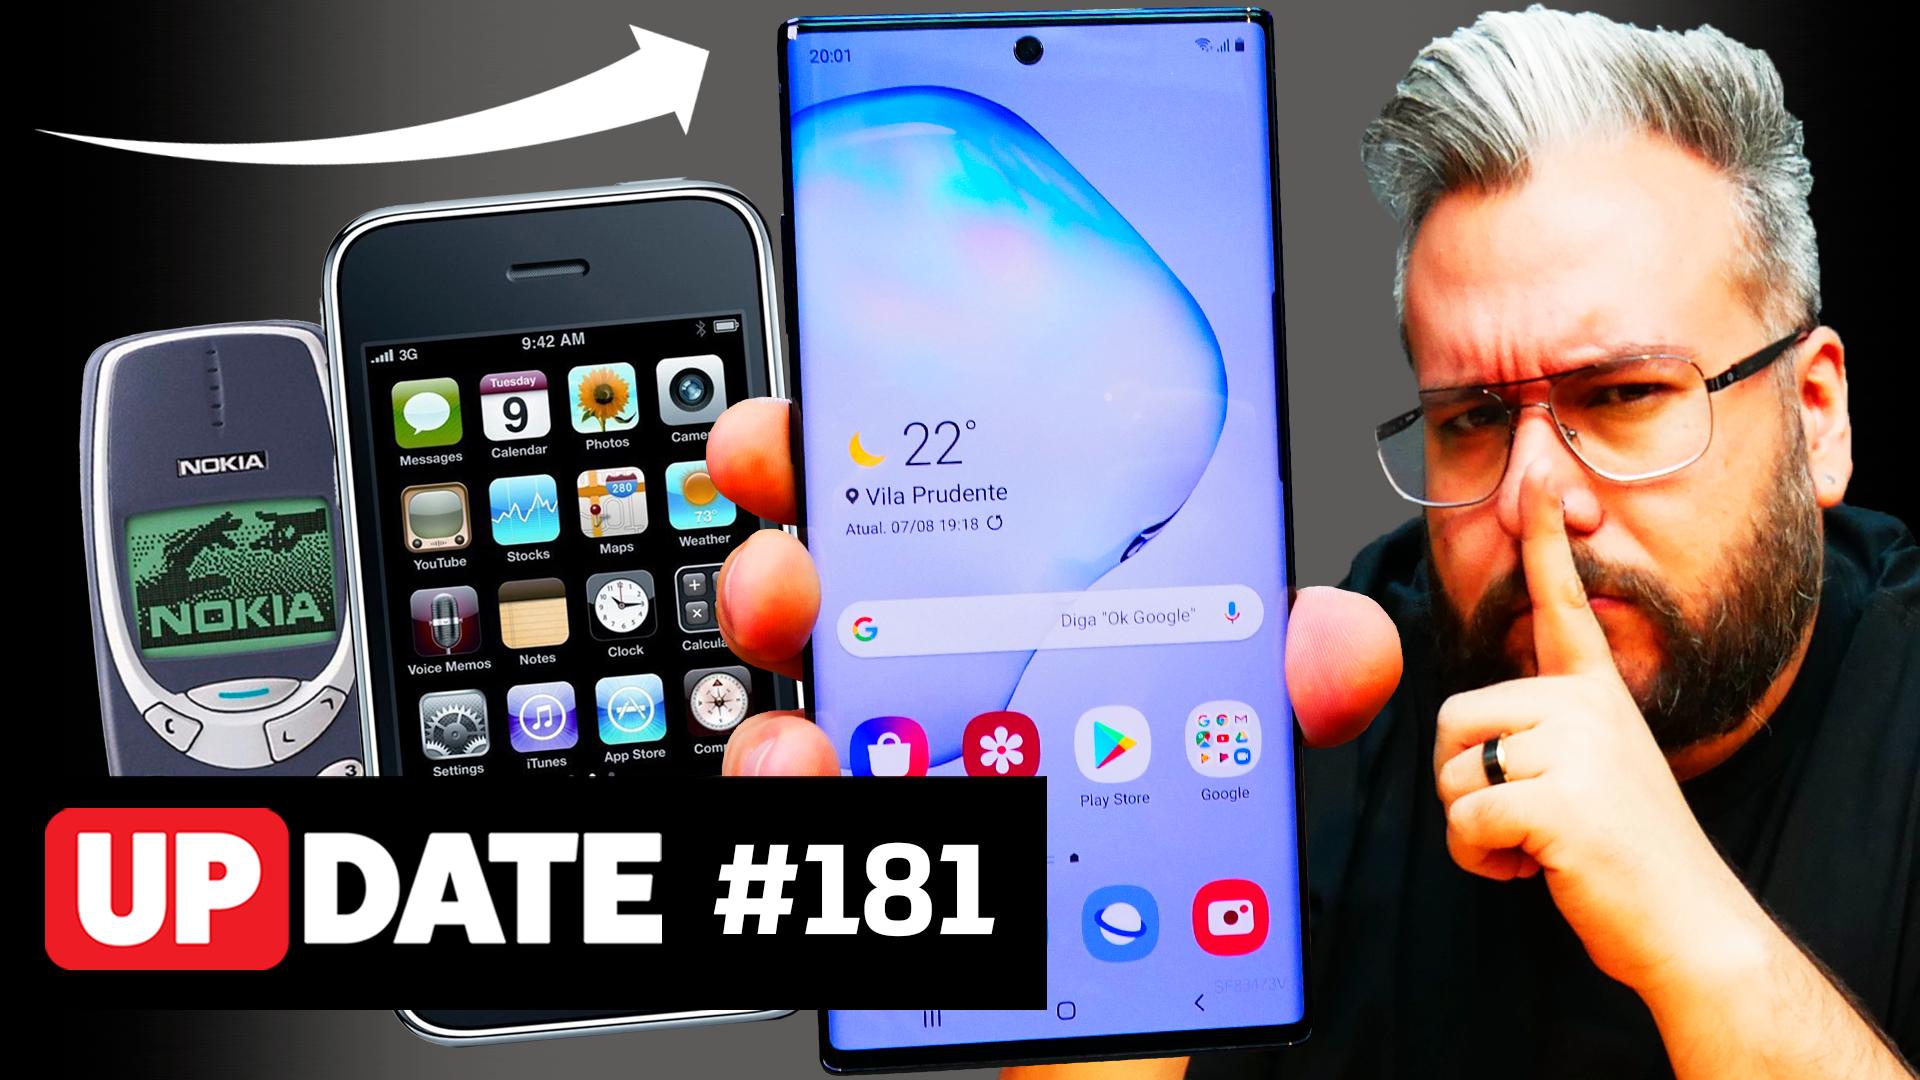 Update #181 – Falta inovação nos celulares?